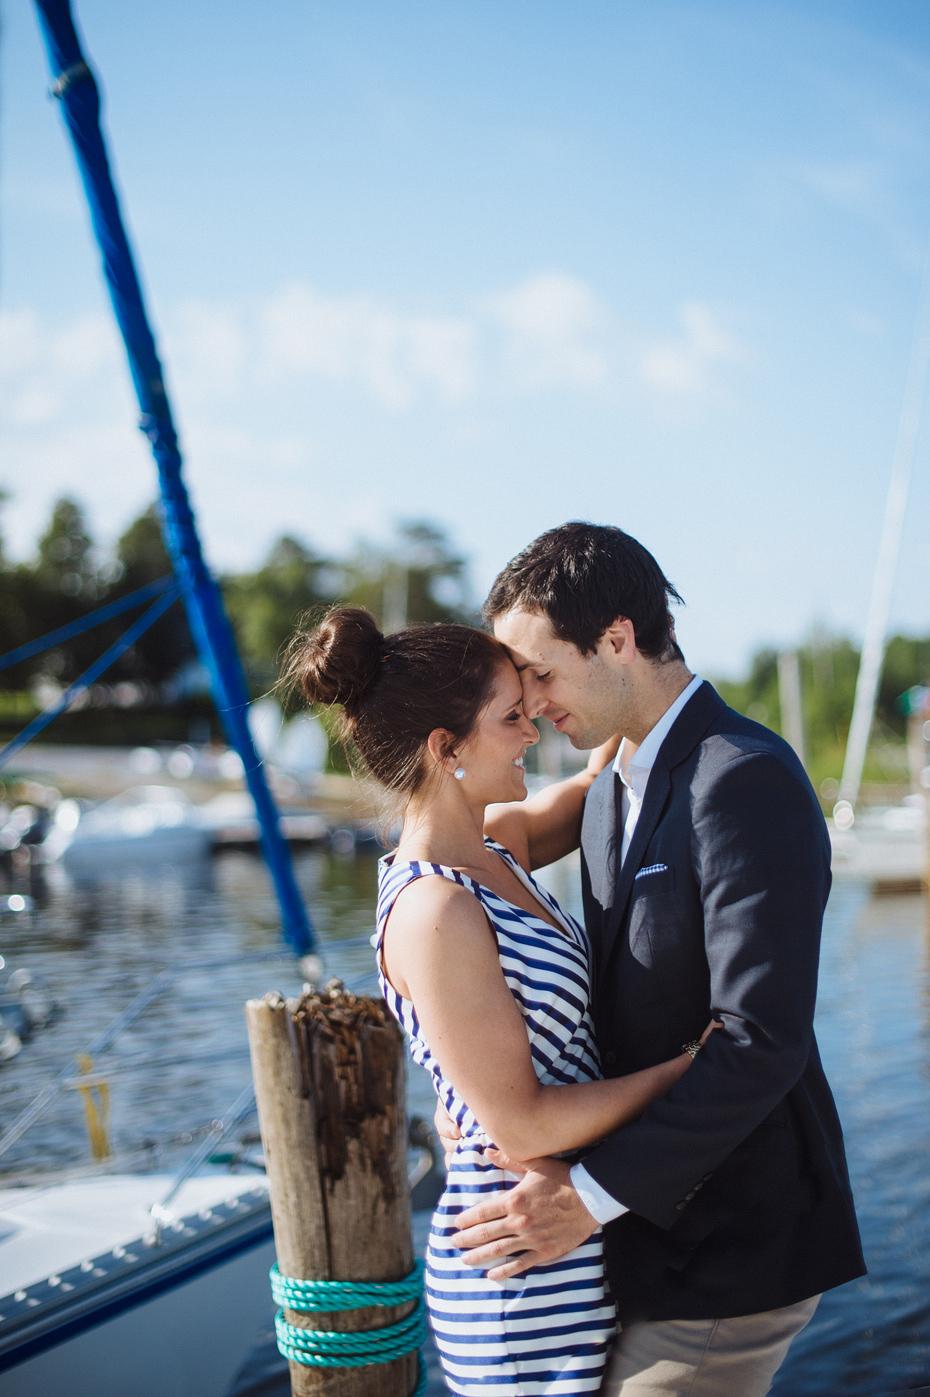 Sailing Engagement Photo